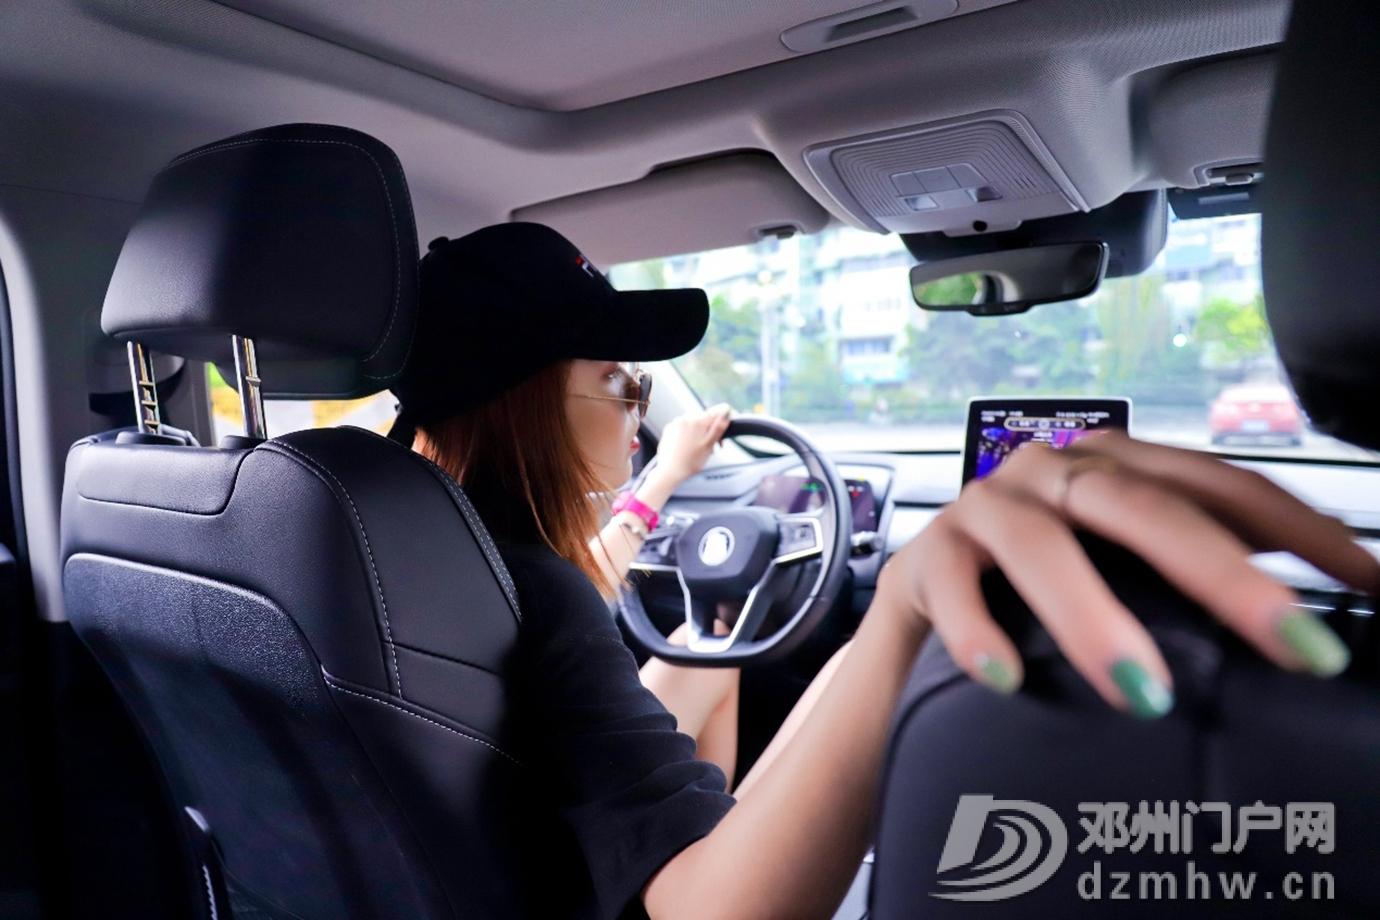 秦Pro DM车主的嘻哈生活 - 邓州门户网|邓州网 - a22.jpg